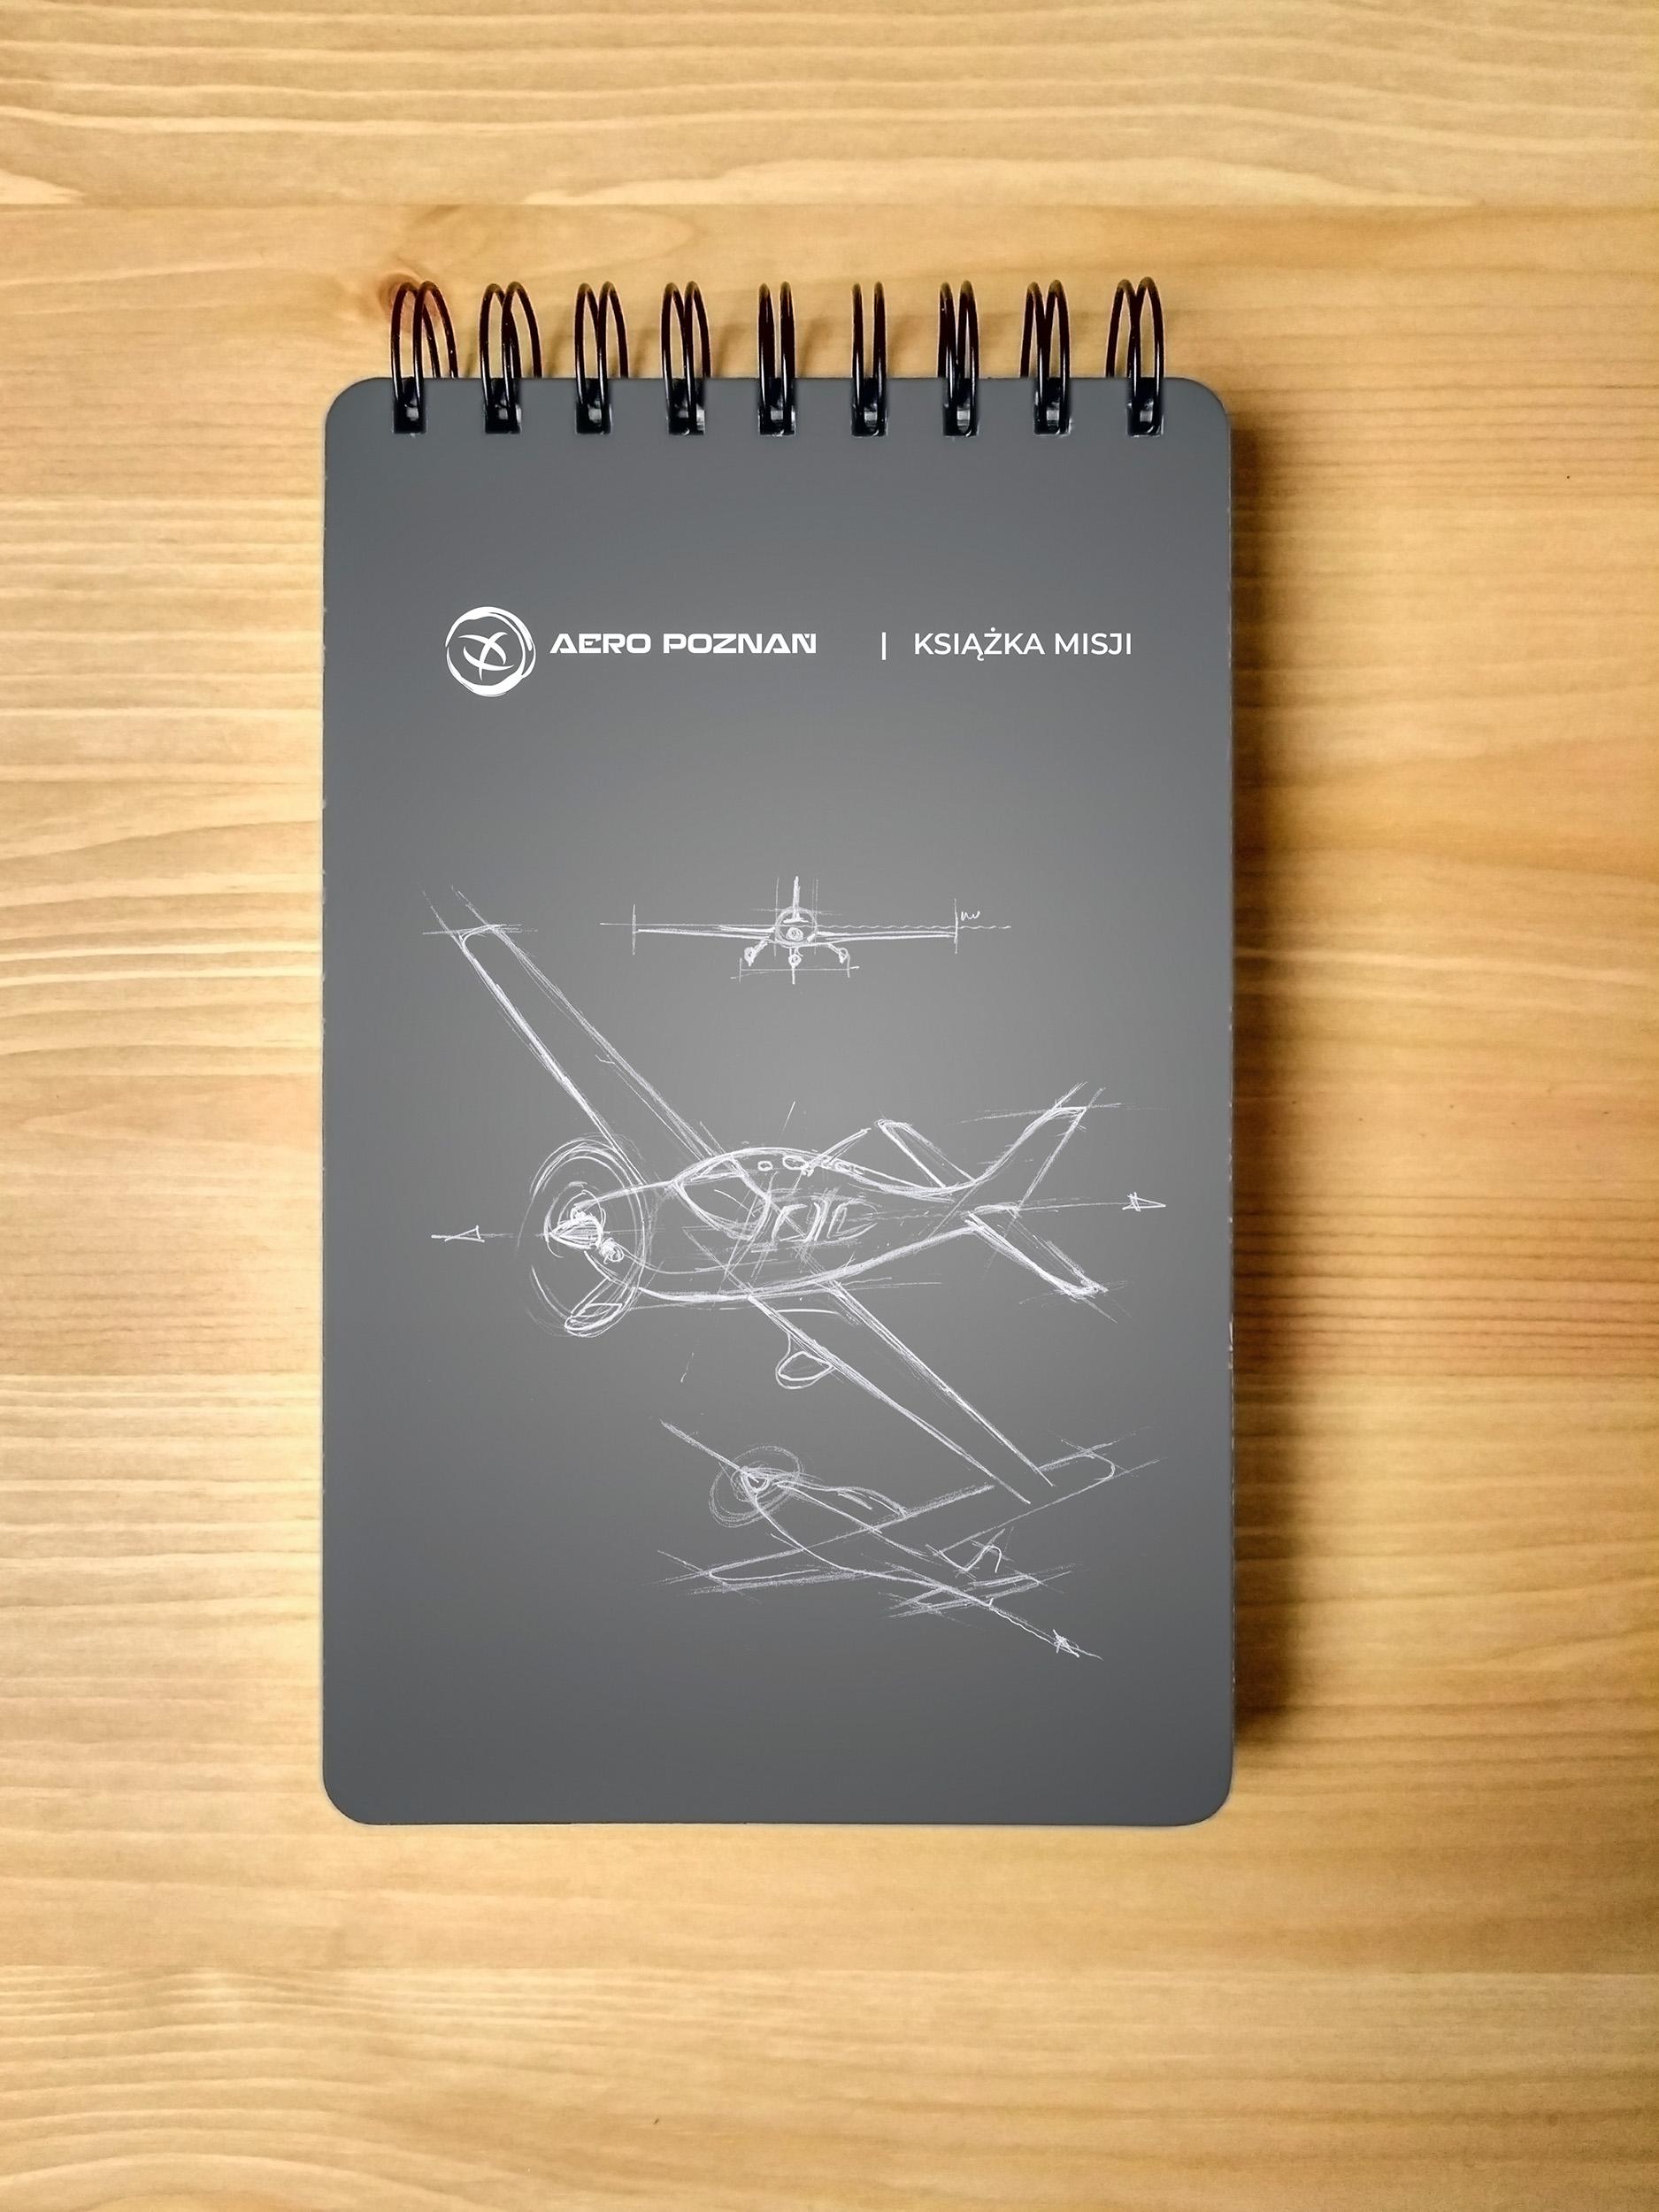 gadgets design, projektowanie gadżetów, bloch projektowanie graficzne, aero poznan